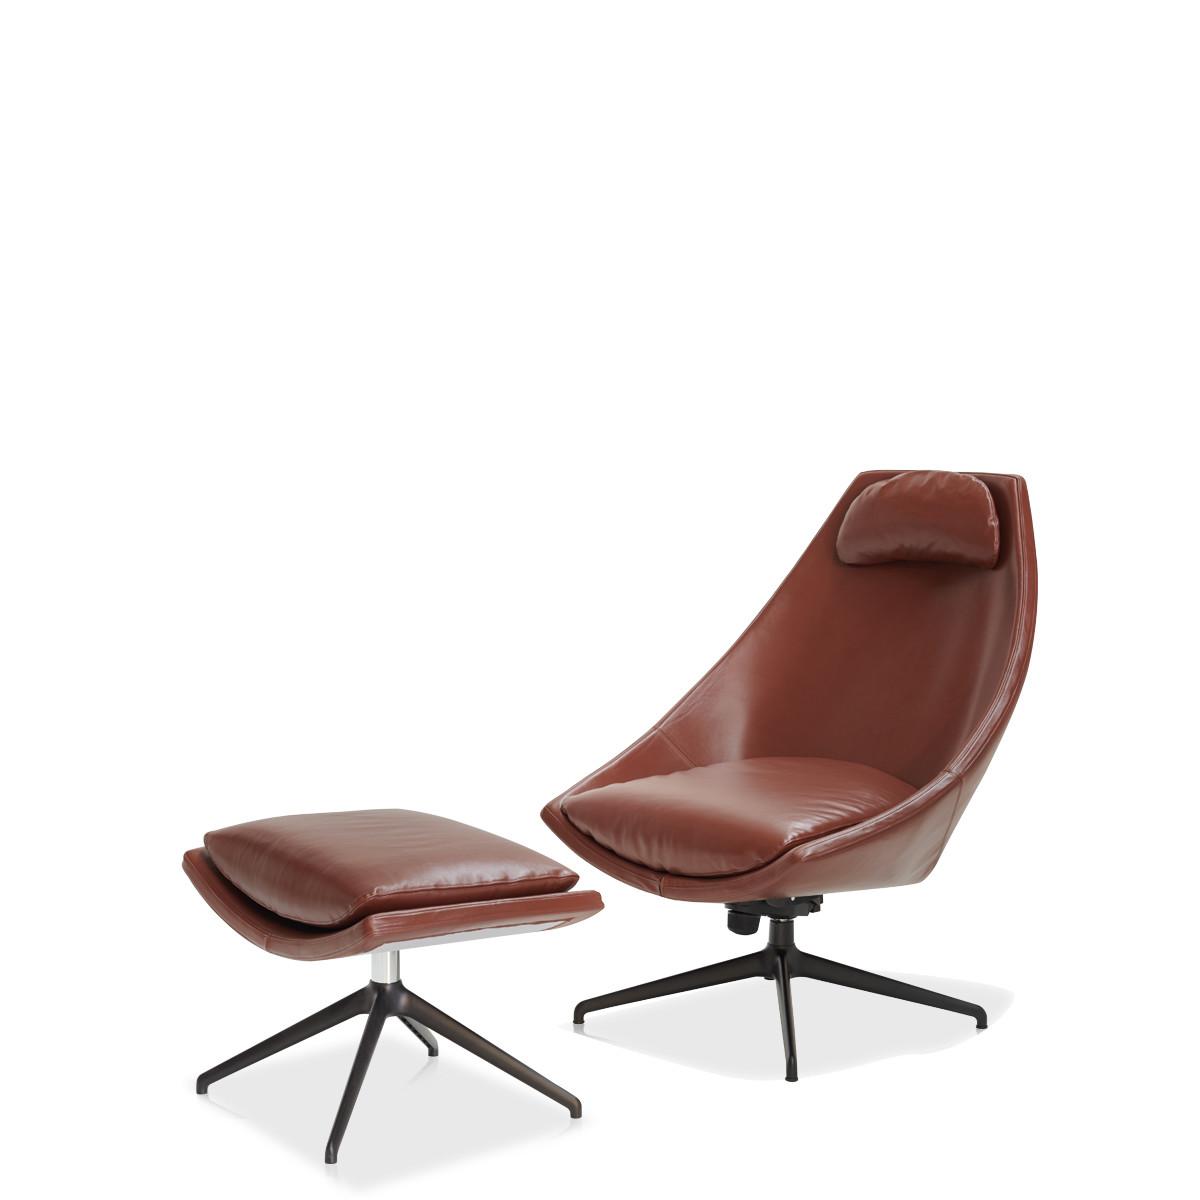 Entdecken Sie bei Conzept Beckord besondere Designmöbel! Hier finden Sie Potocco Sofas und Sessel: Cut Drehstuhl